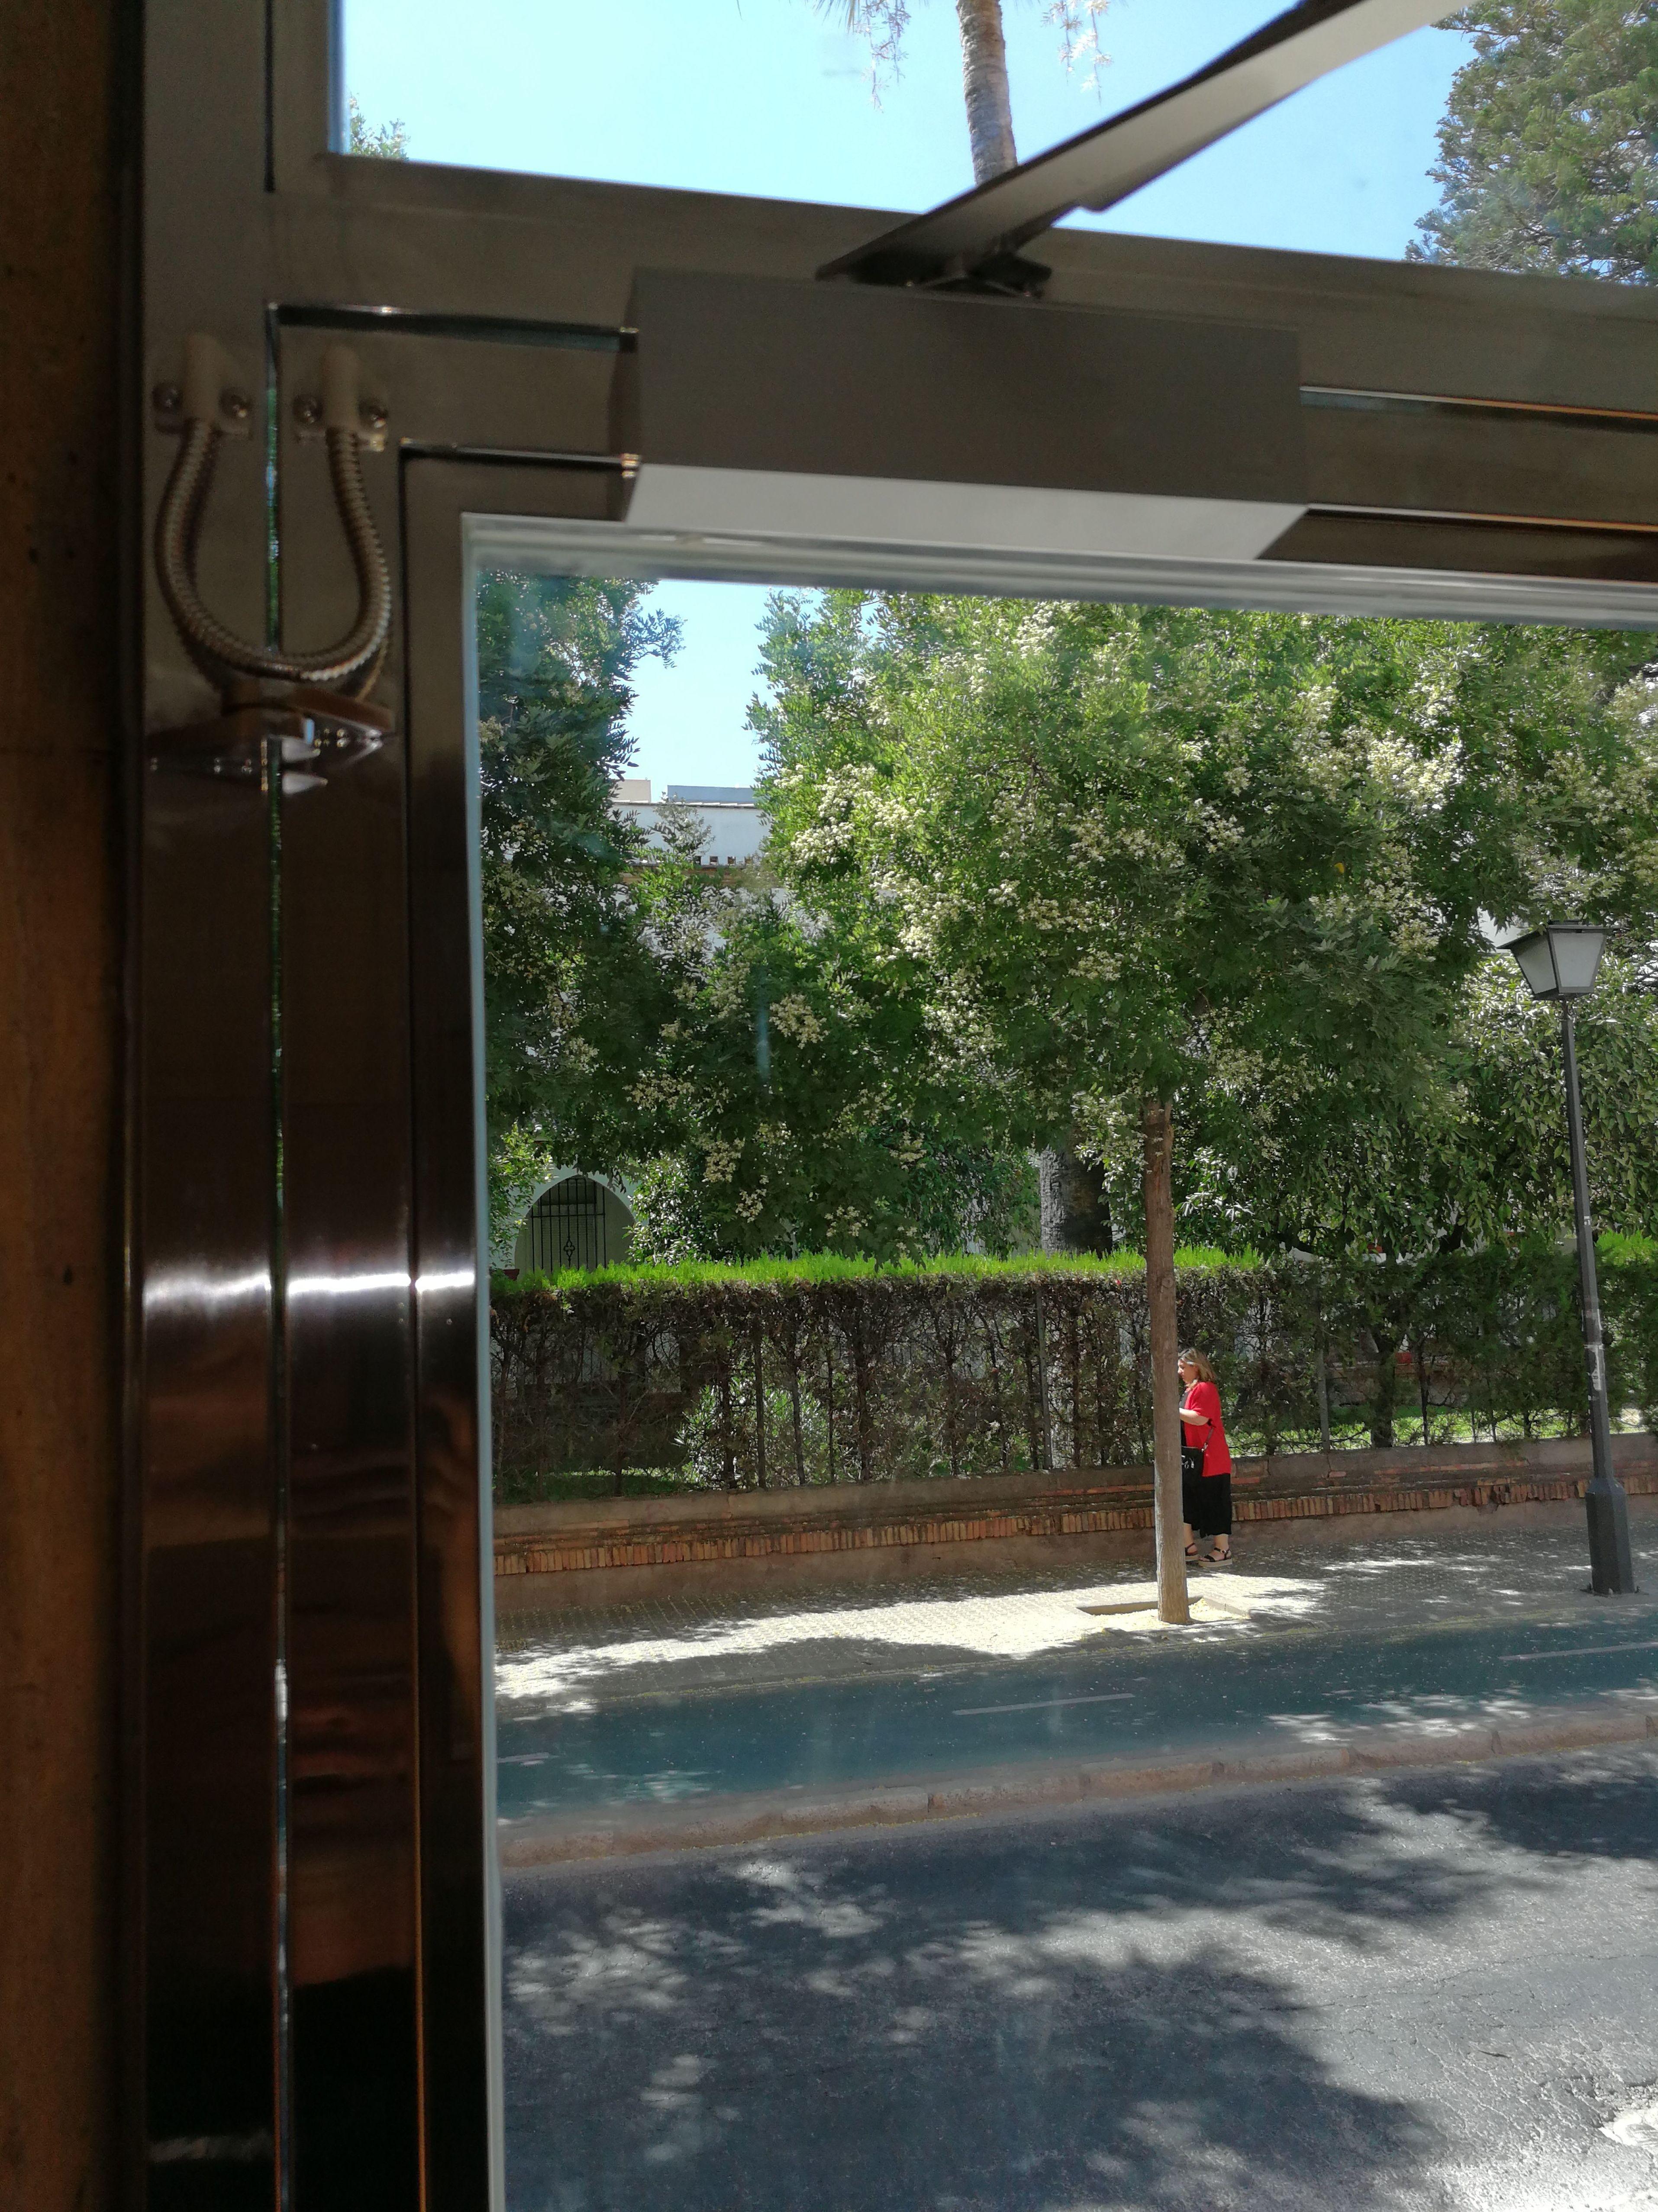 Foto 168 de Especialistas en diseños y proyectos en acero inoxidable en Alcalá de Guadaíra | Icminox